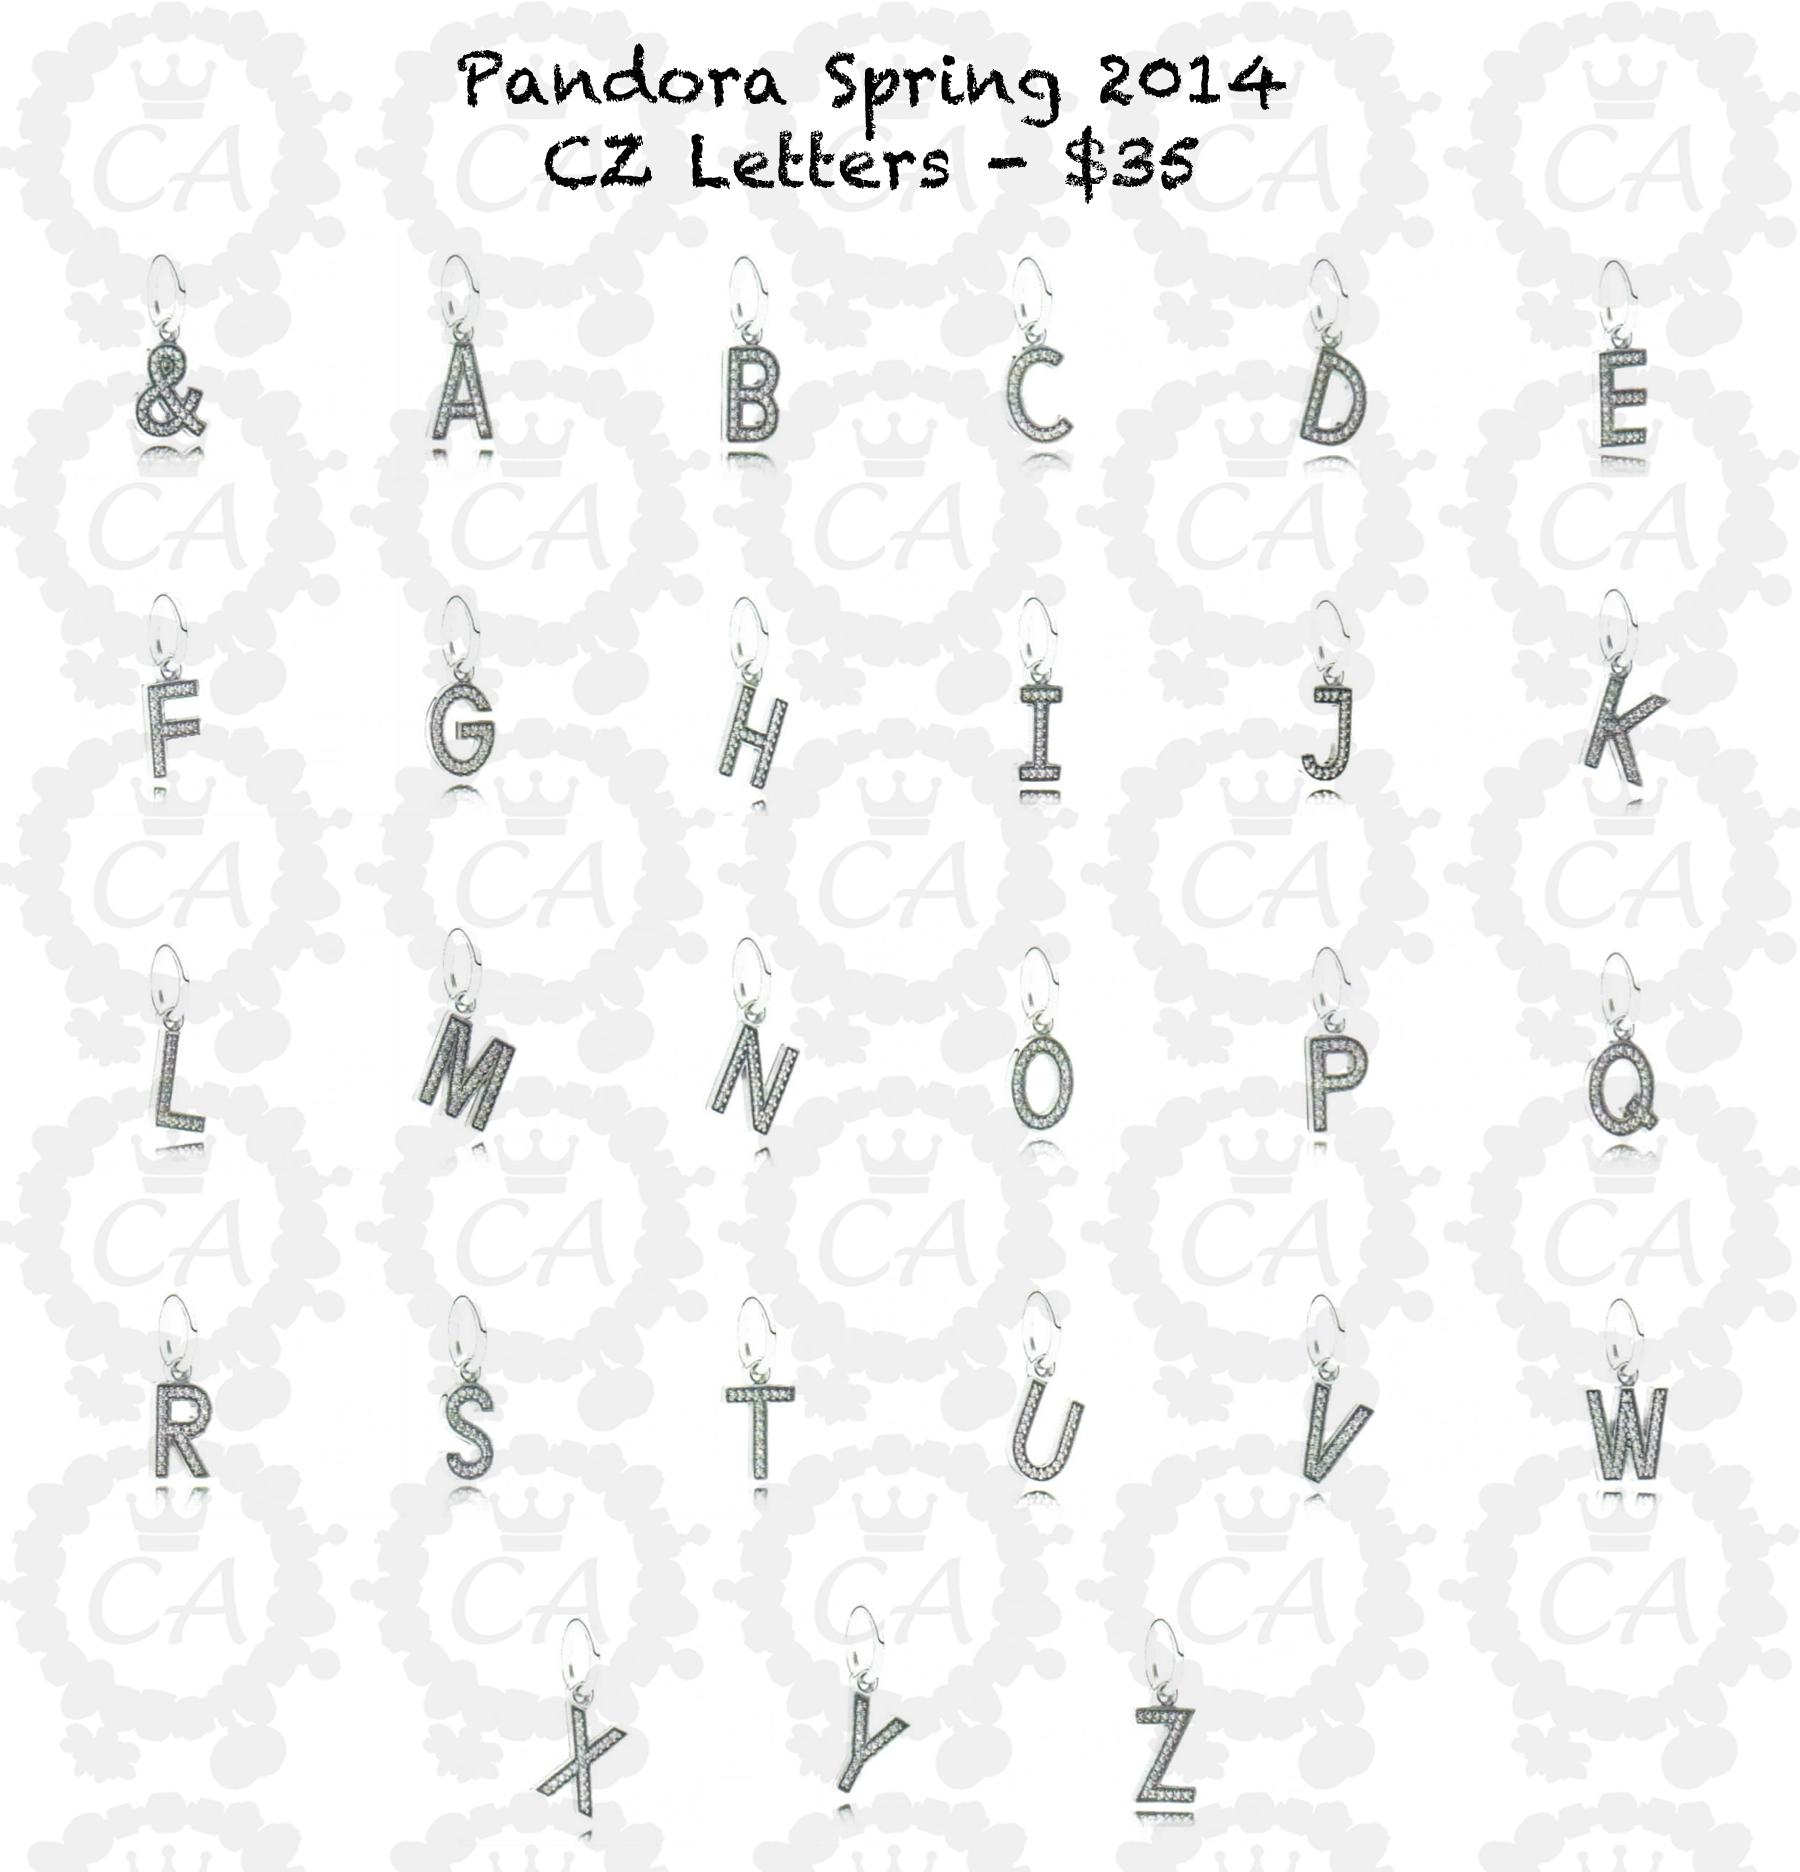 Pandora Spring 2014 Collection Prices